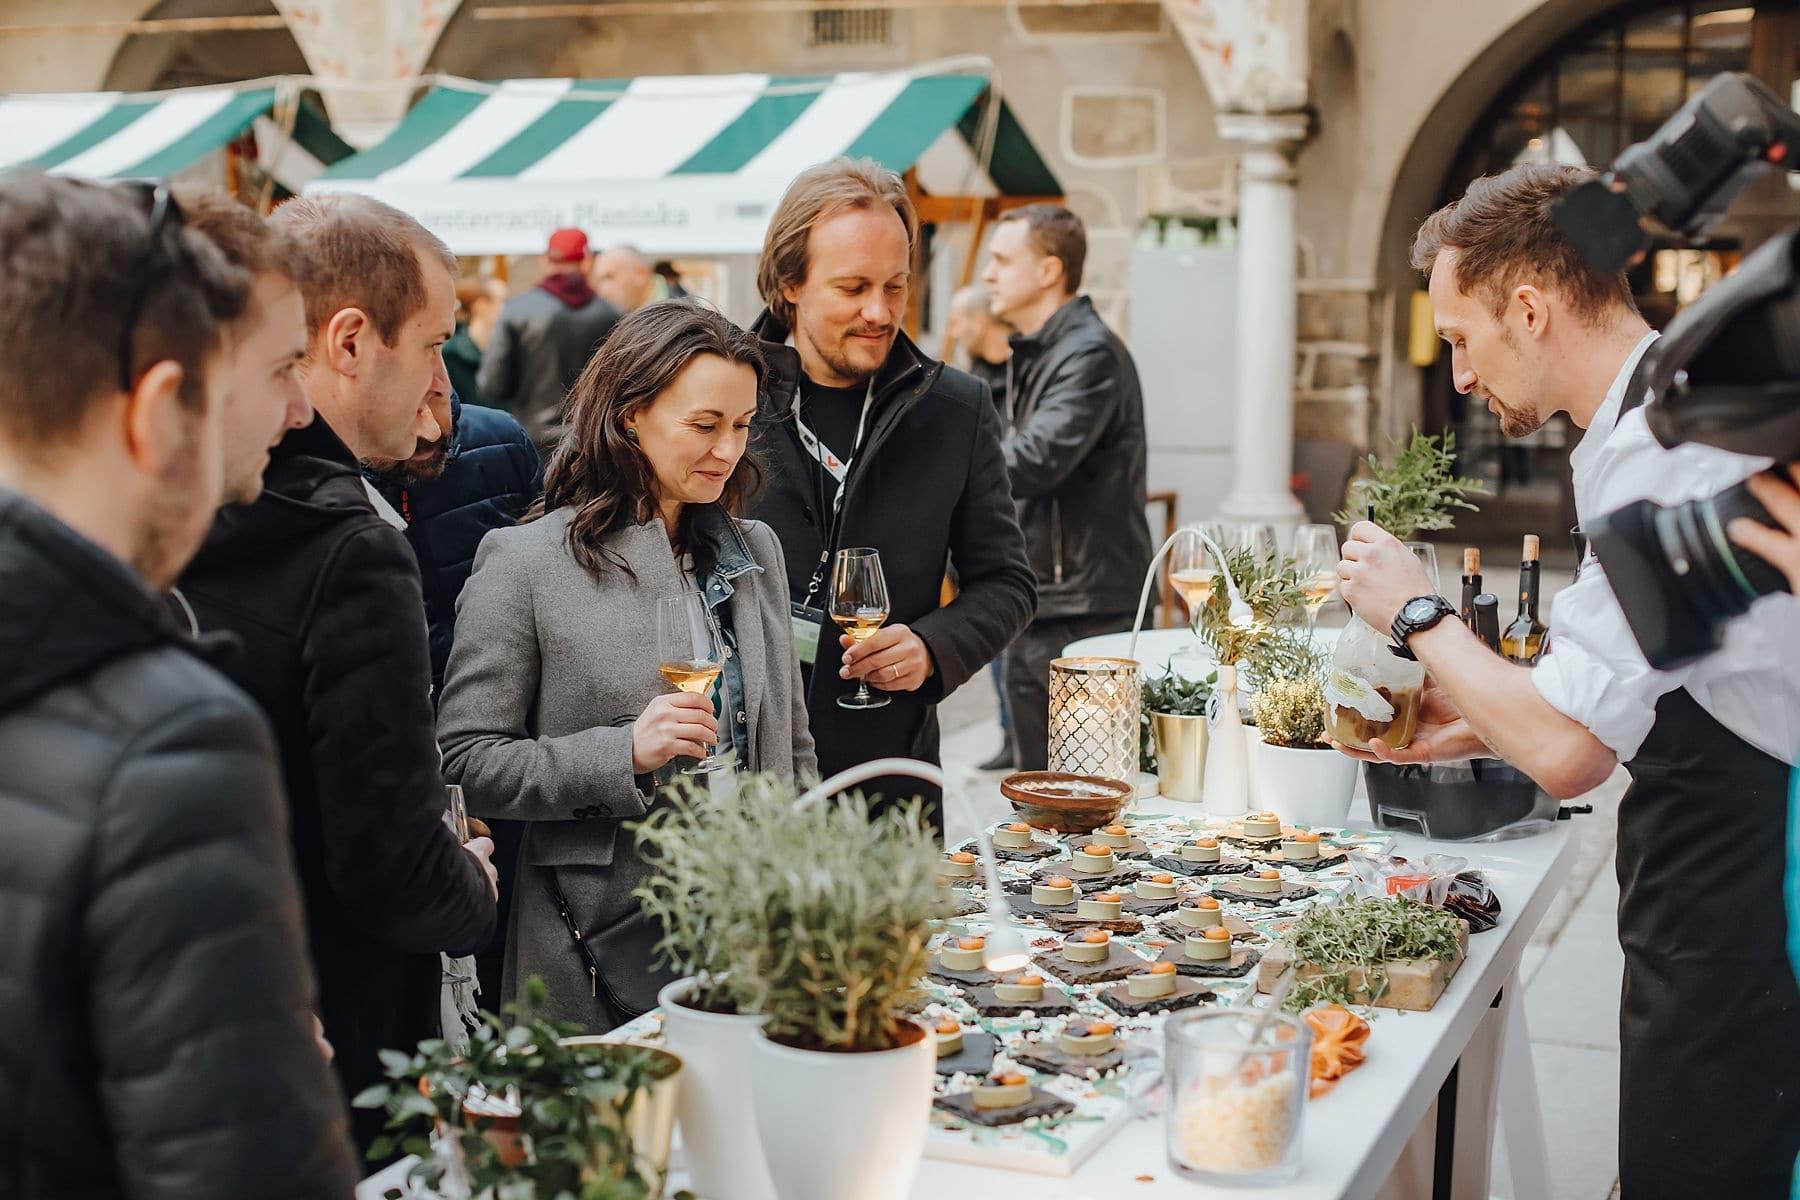 european_food_summit_gourmet_ljubljana_crawl